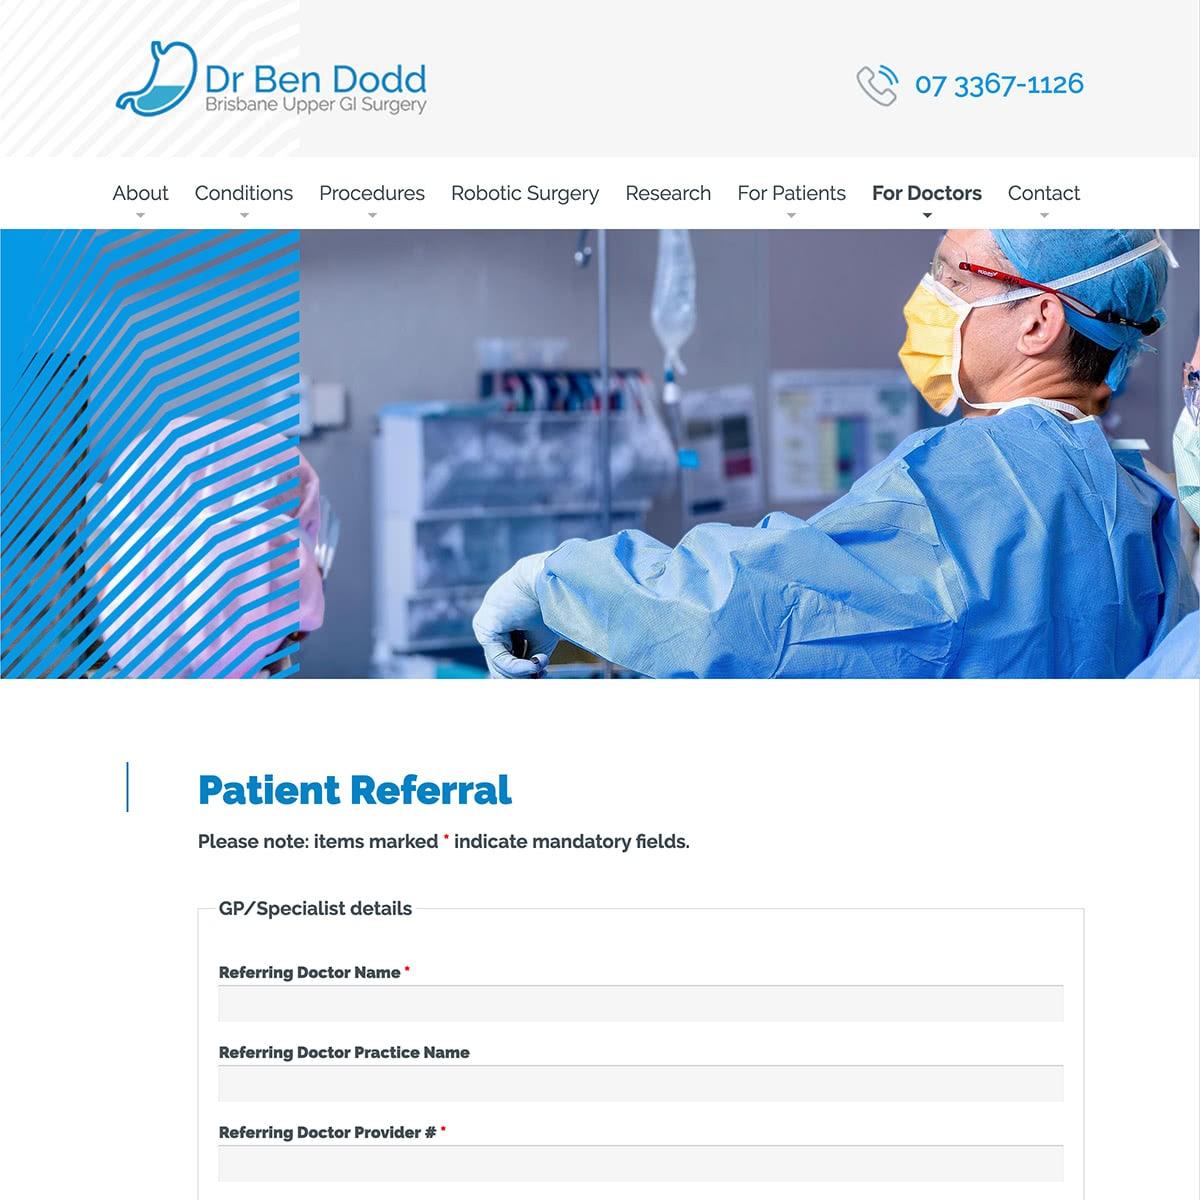 Dr Ben Dodd - For Doctors